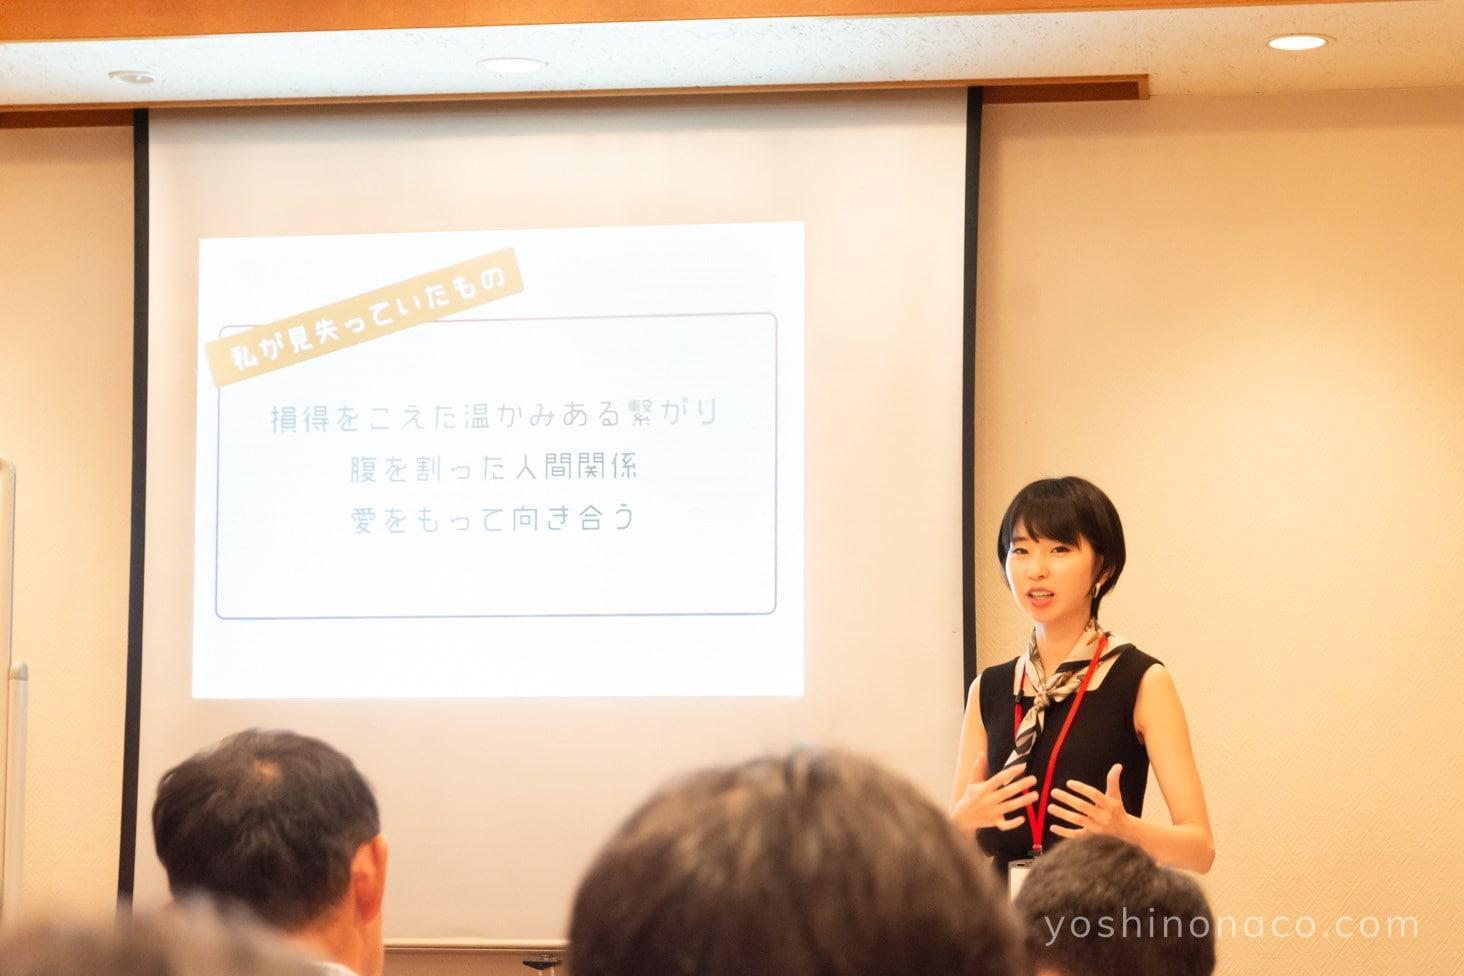 岡ブロ あんちゃ「ブログ3.0 〜応援される発信、孤独な発信〜」